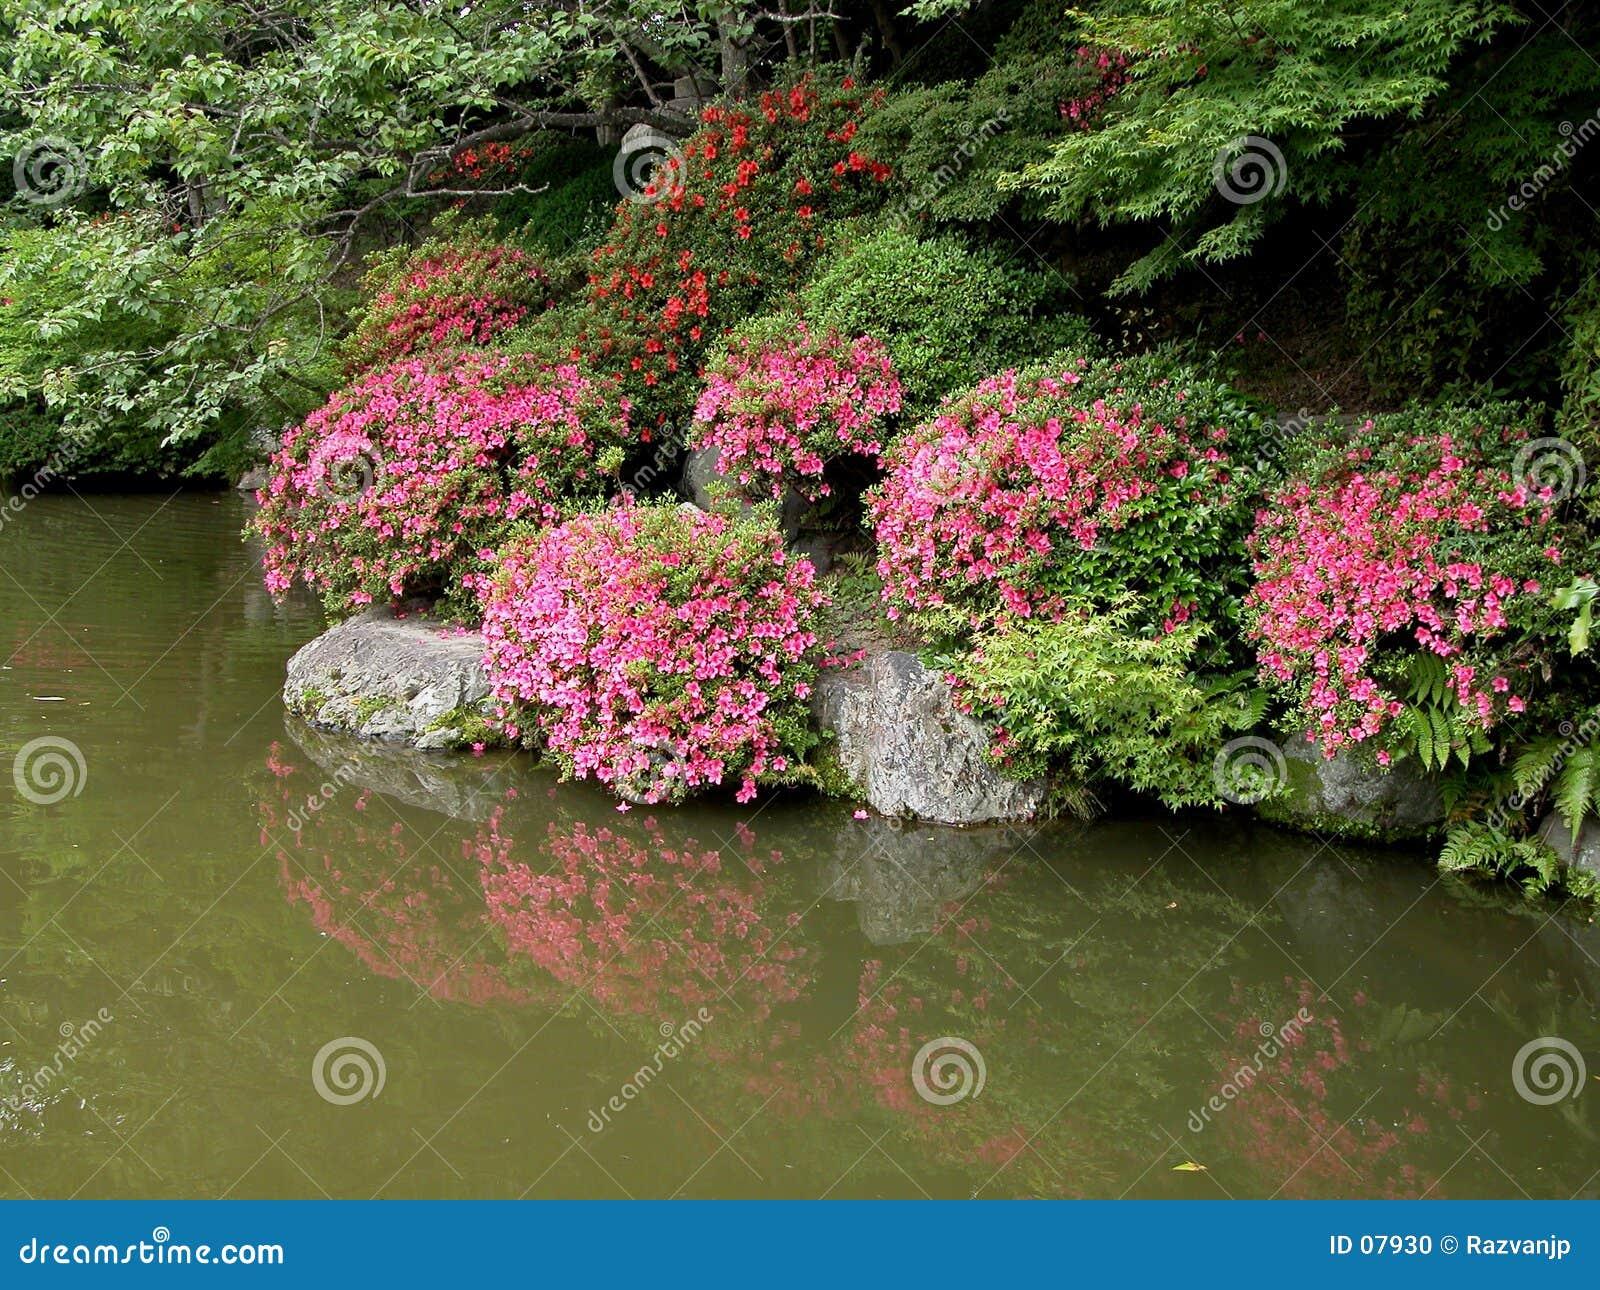 Download Giardino giapponese fotografia stock. Immagine di lago, alberi - 7930